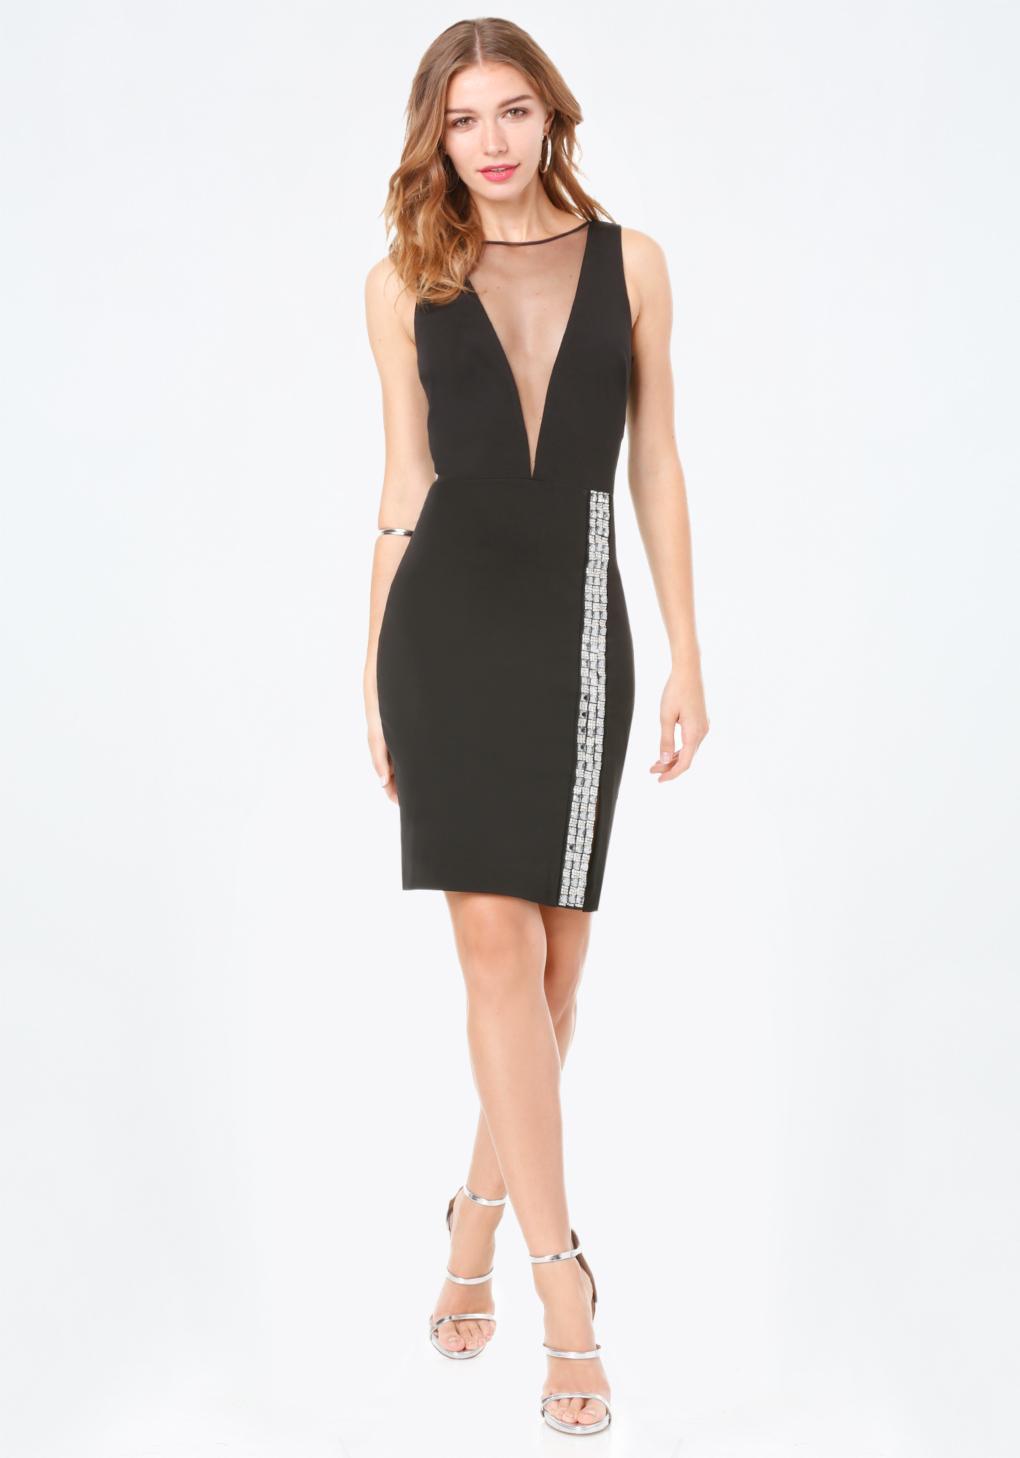 Bebe embellished plunge dress in black lyst for Bebe dresses wedding guest